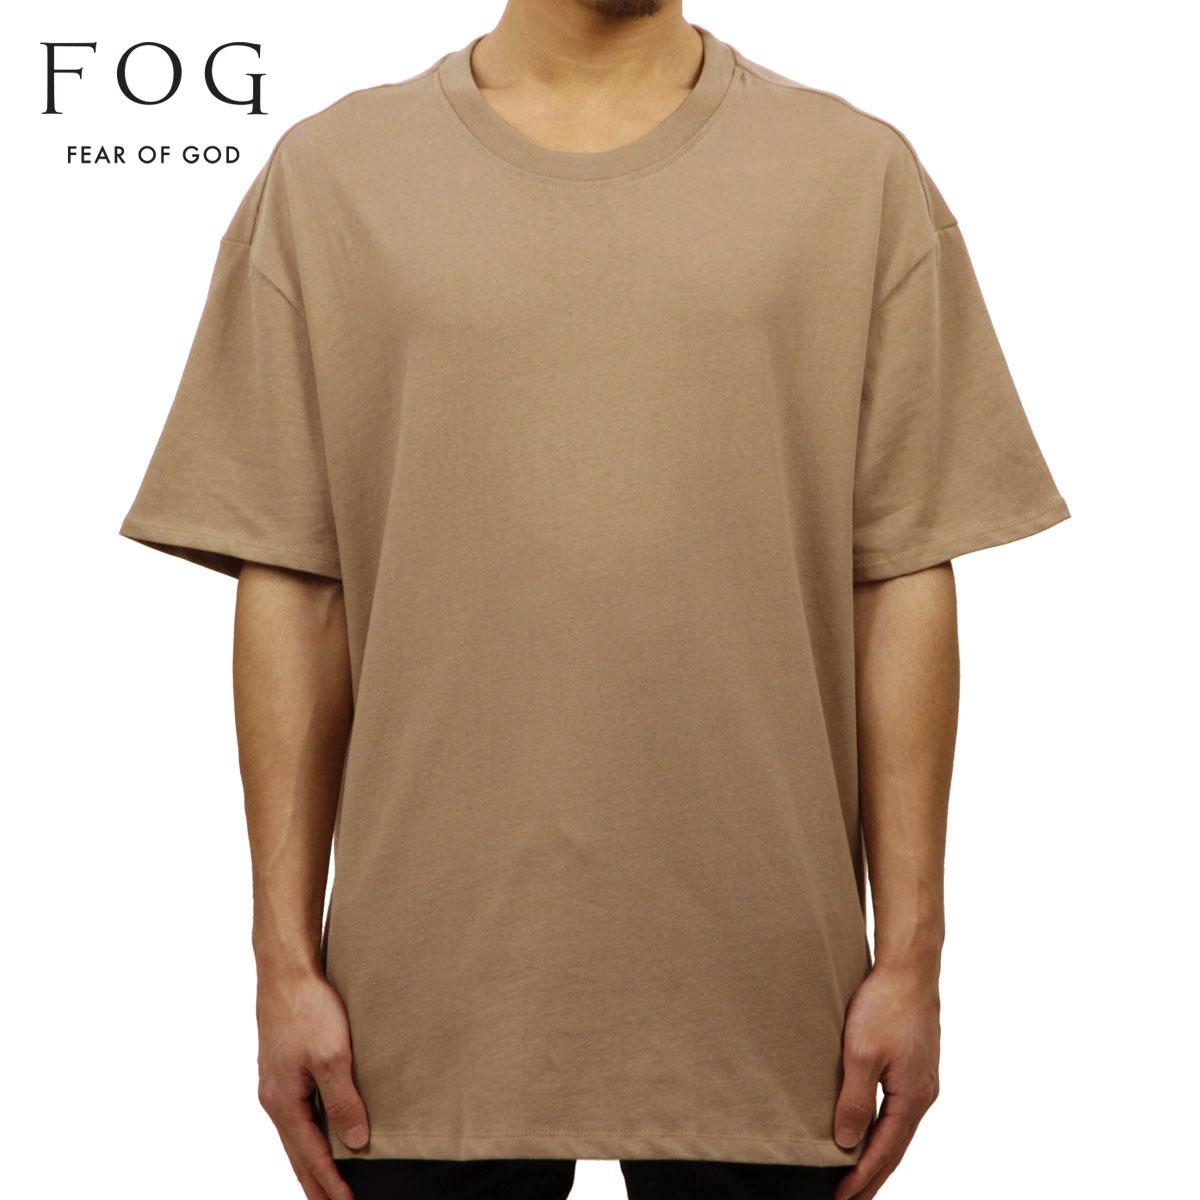 フィアオブゴッド FEAR OF GOD 正規品 メンズ 半袖Tシャツ FOG - FEAR OF GOD ESSENTIALS BOXY T-SHIRT STUCCO